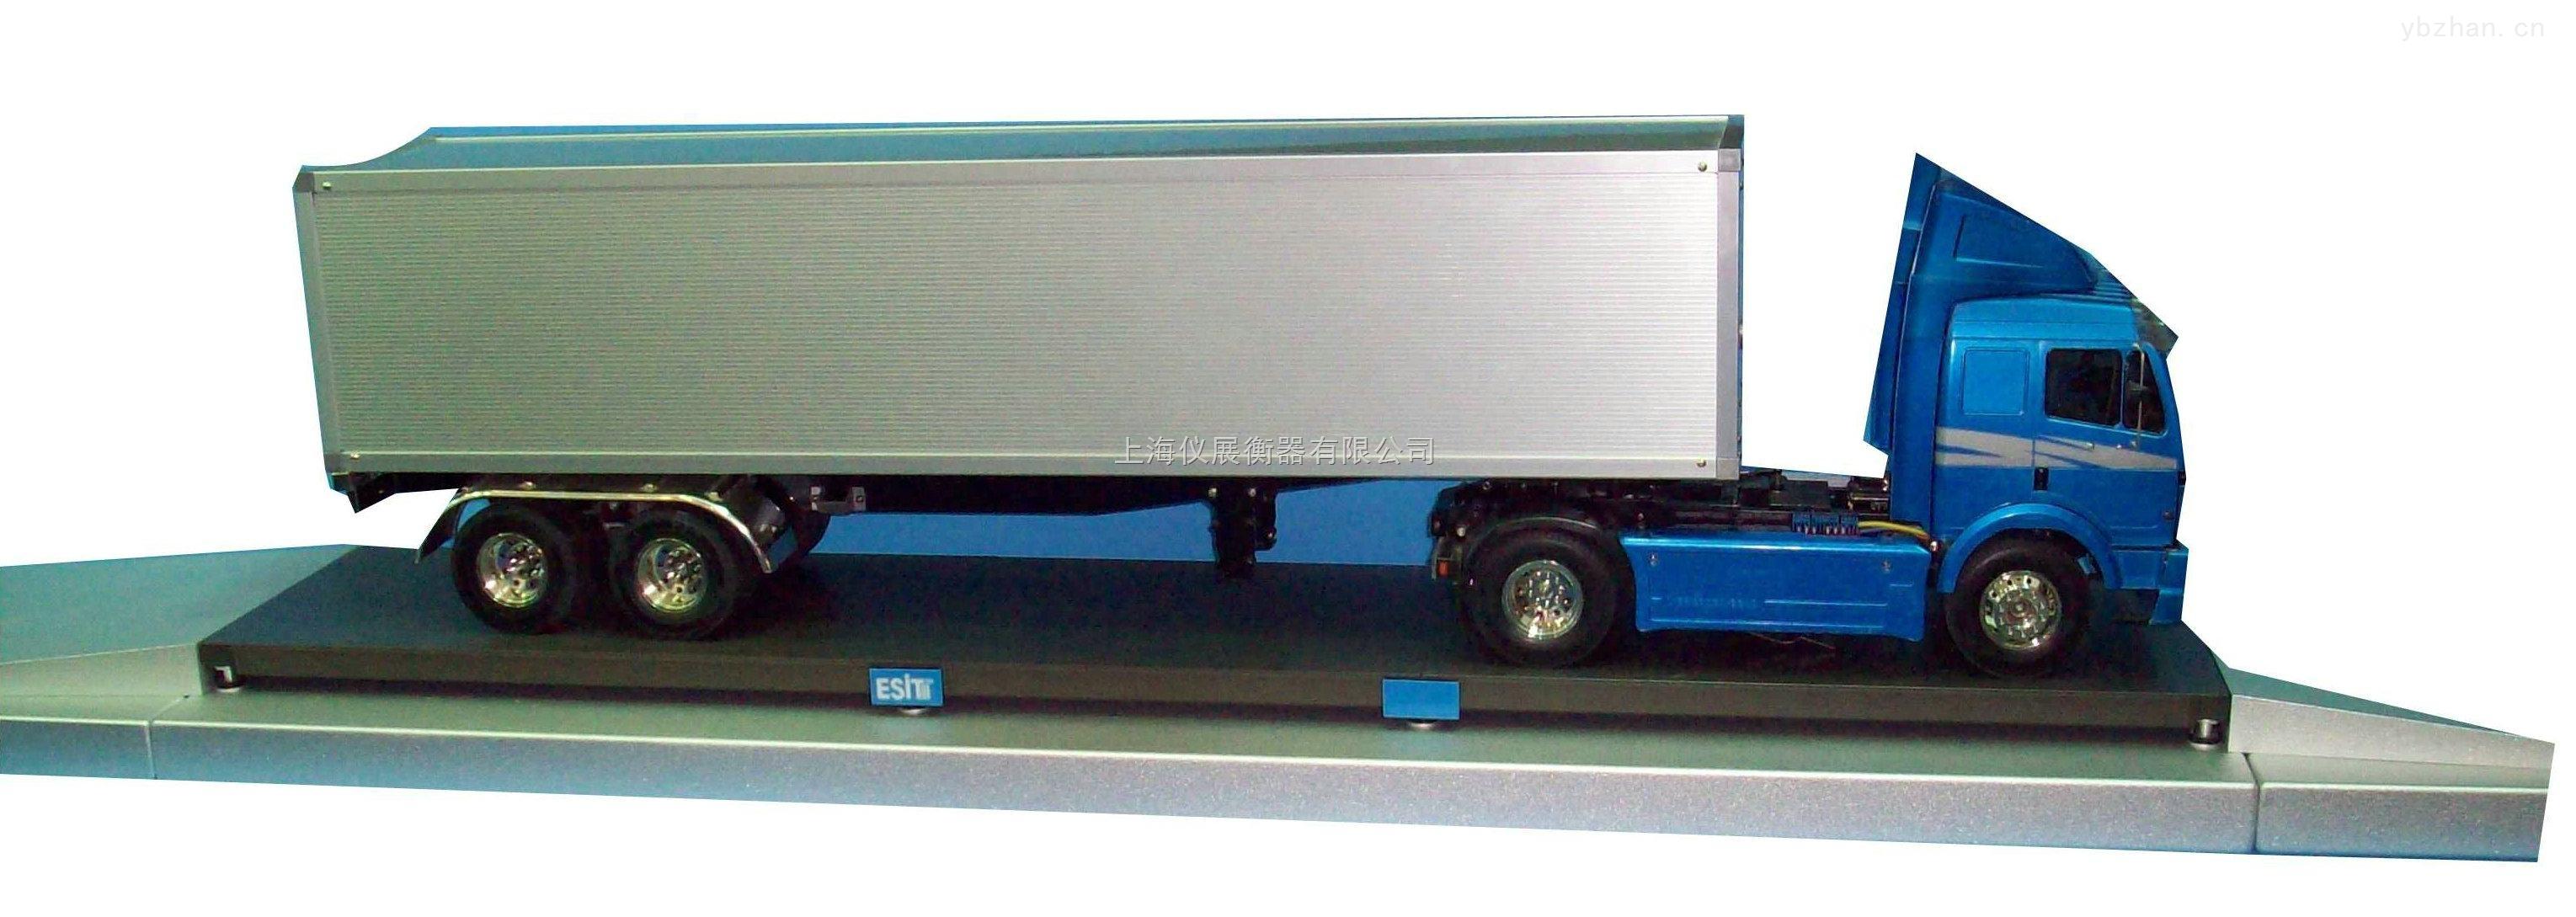 2吨车地磅称_供应scs-广东60吨动态/静态电子地磅维修/直销,汽车衡